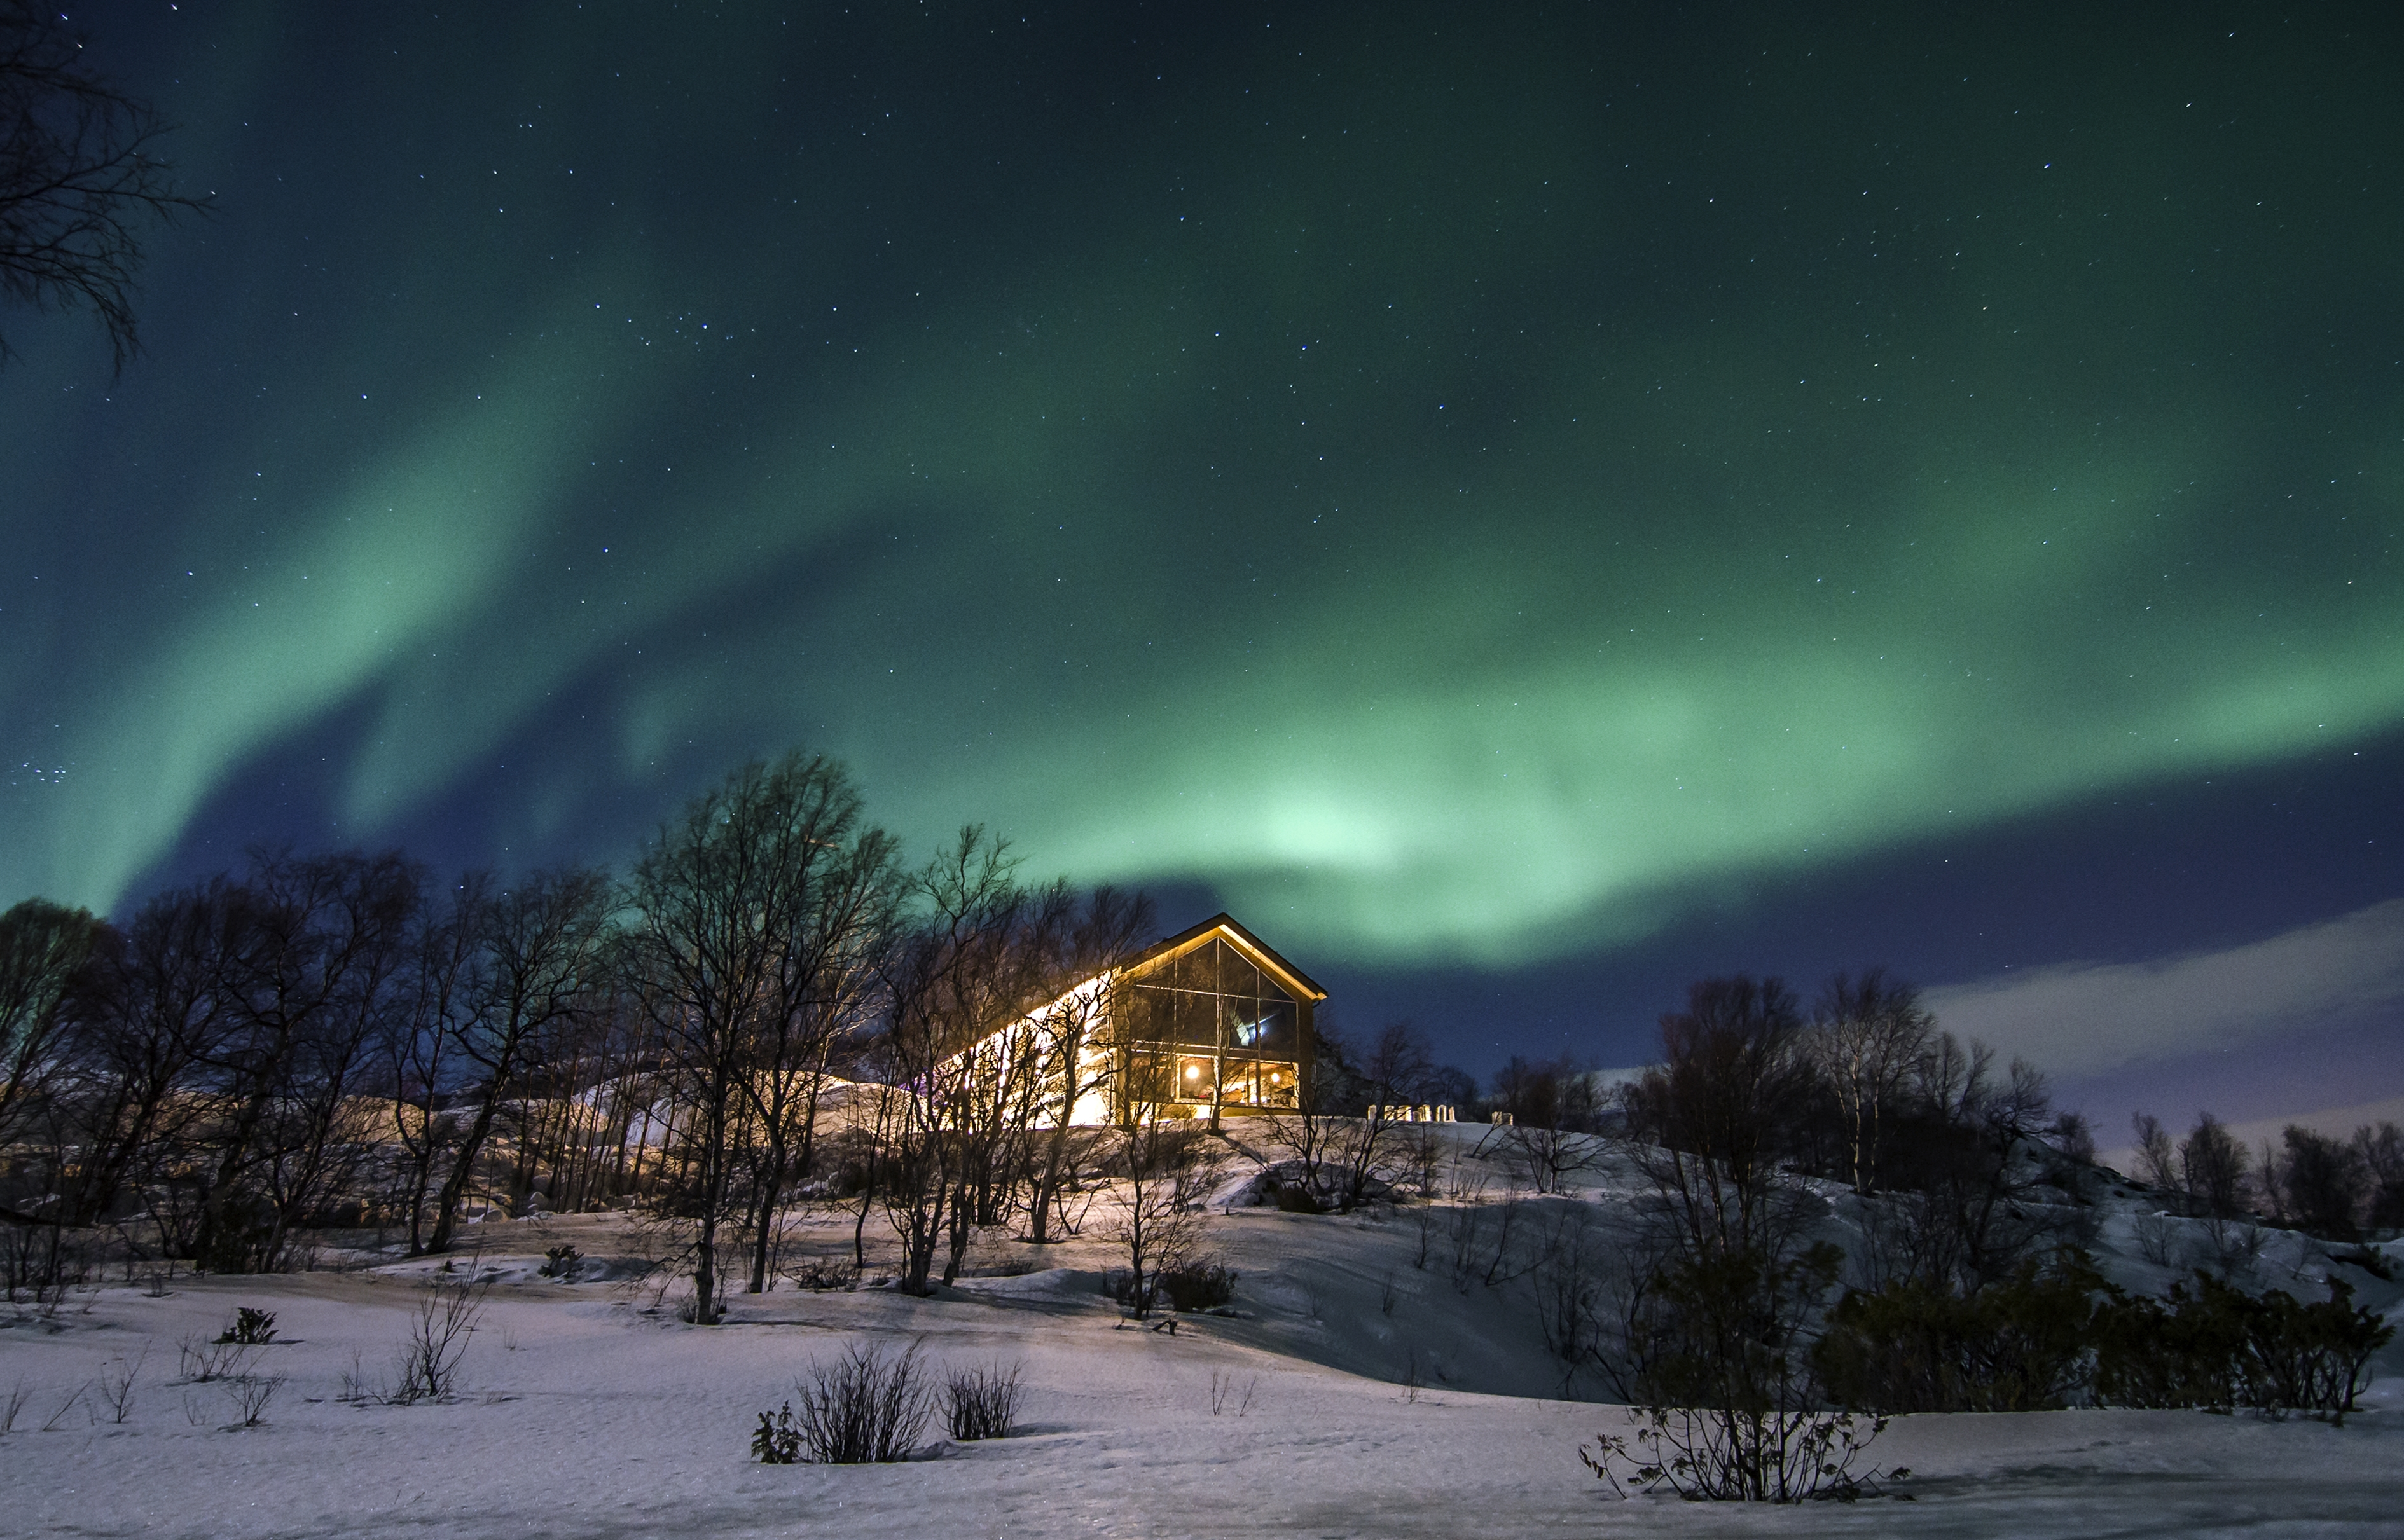 Gammehytte snowhotel kirkenes nordlys